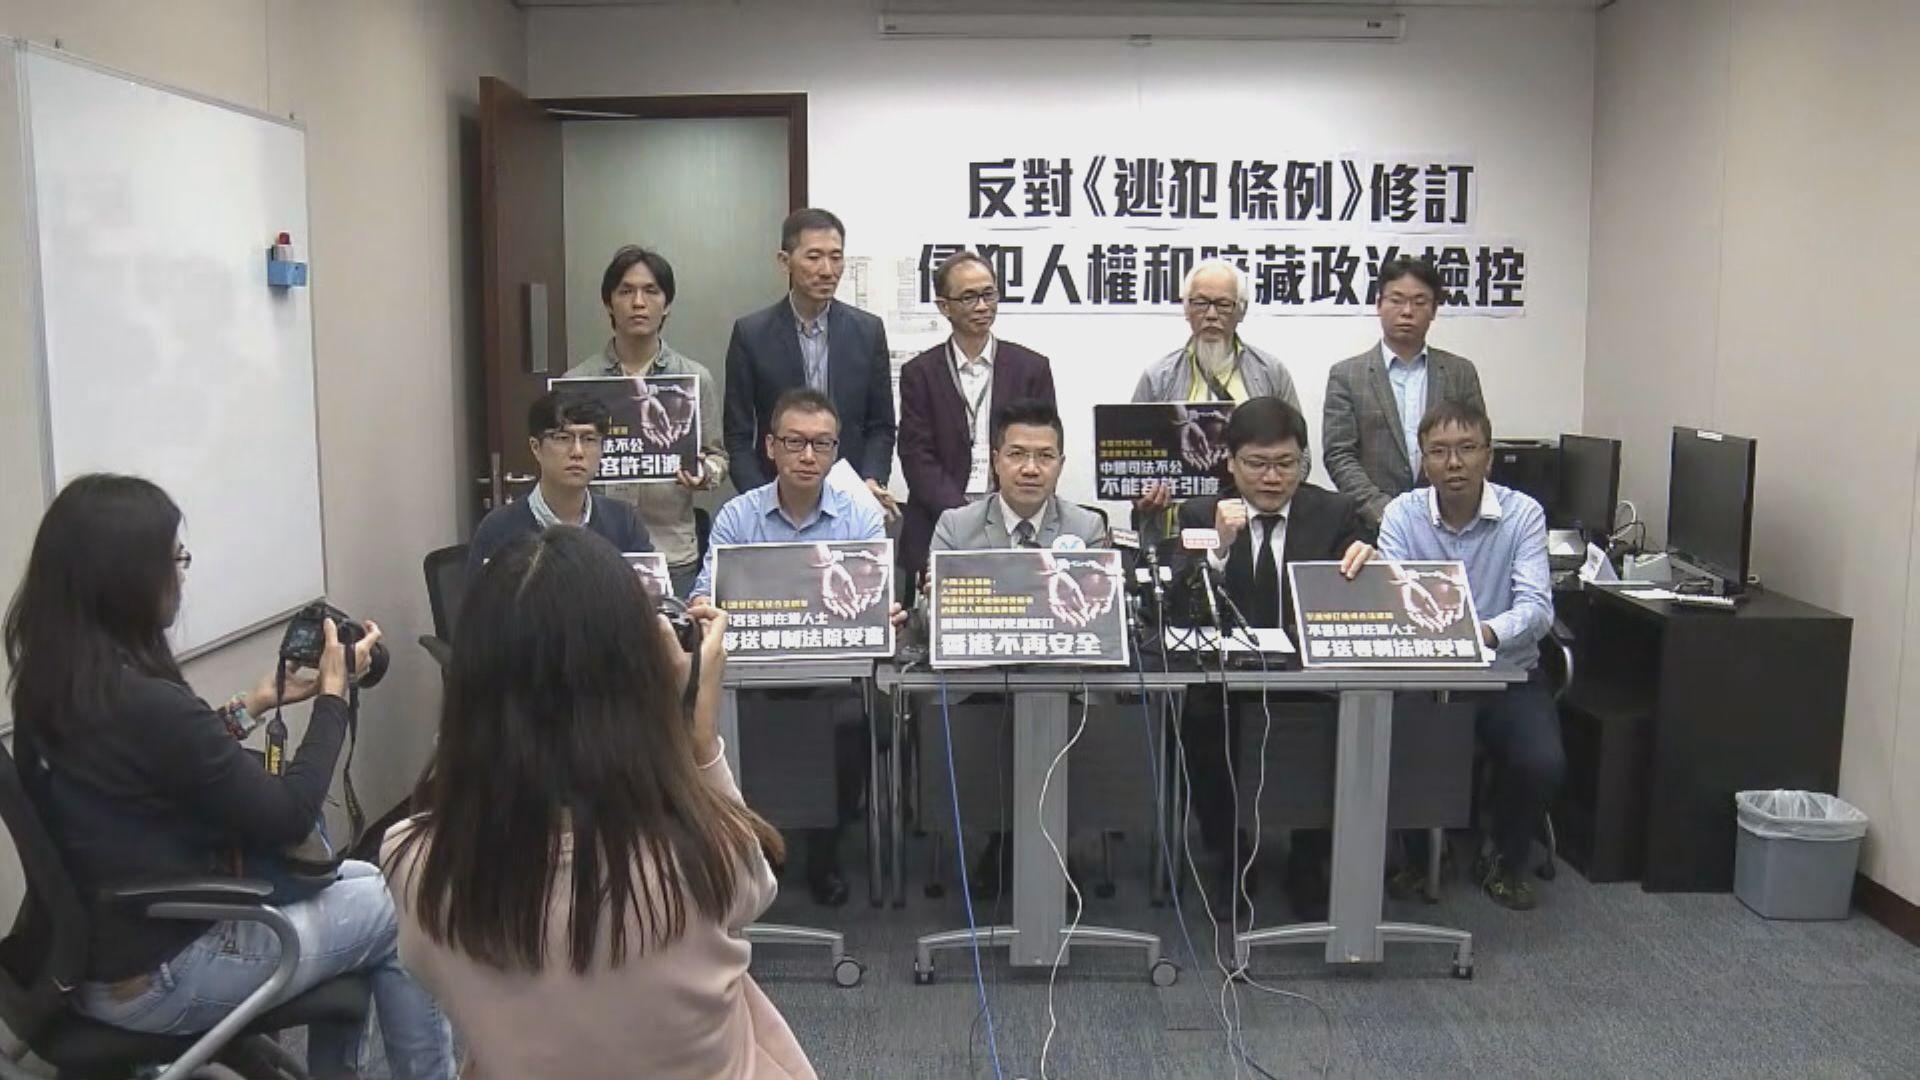 民間聯合聲明反對修訂《逃犯條例》